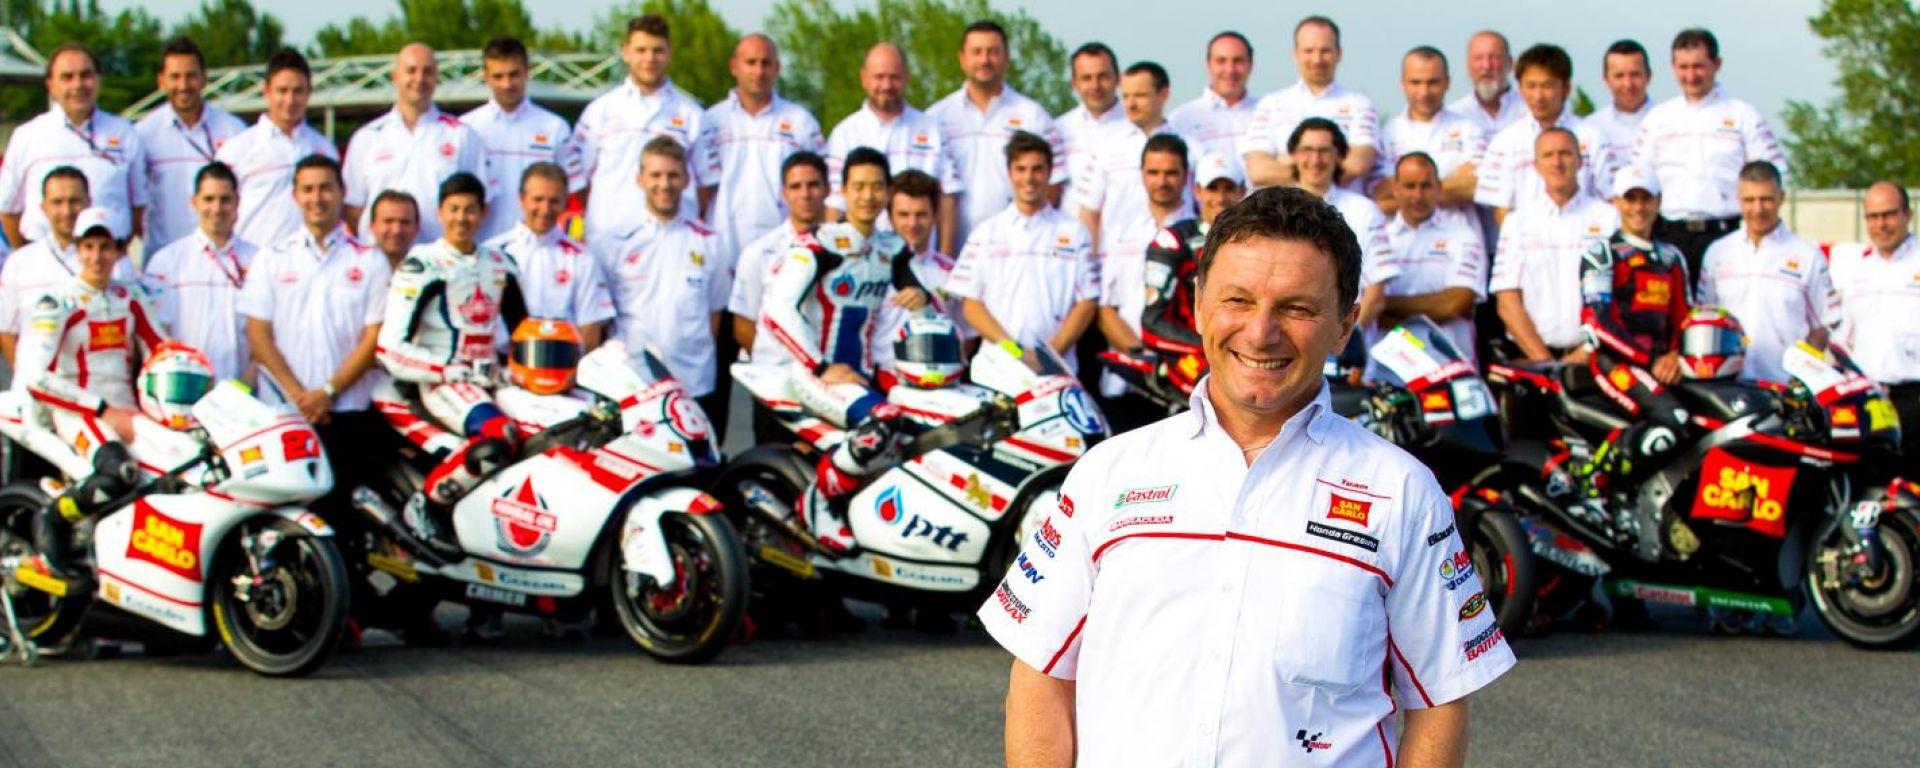 Fausto Gresini in una foto d'archivio con il suo Gresini Racing 2012